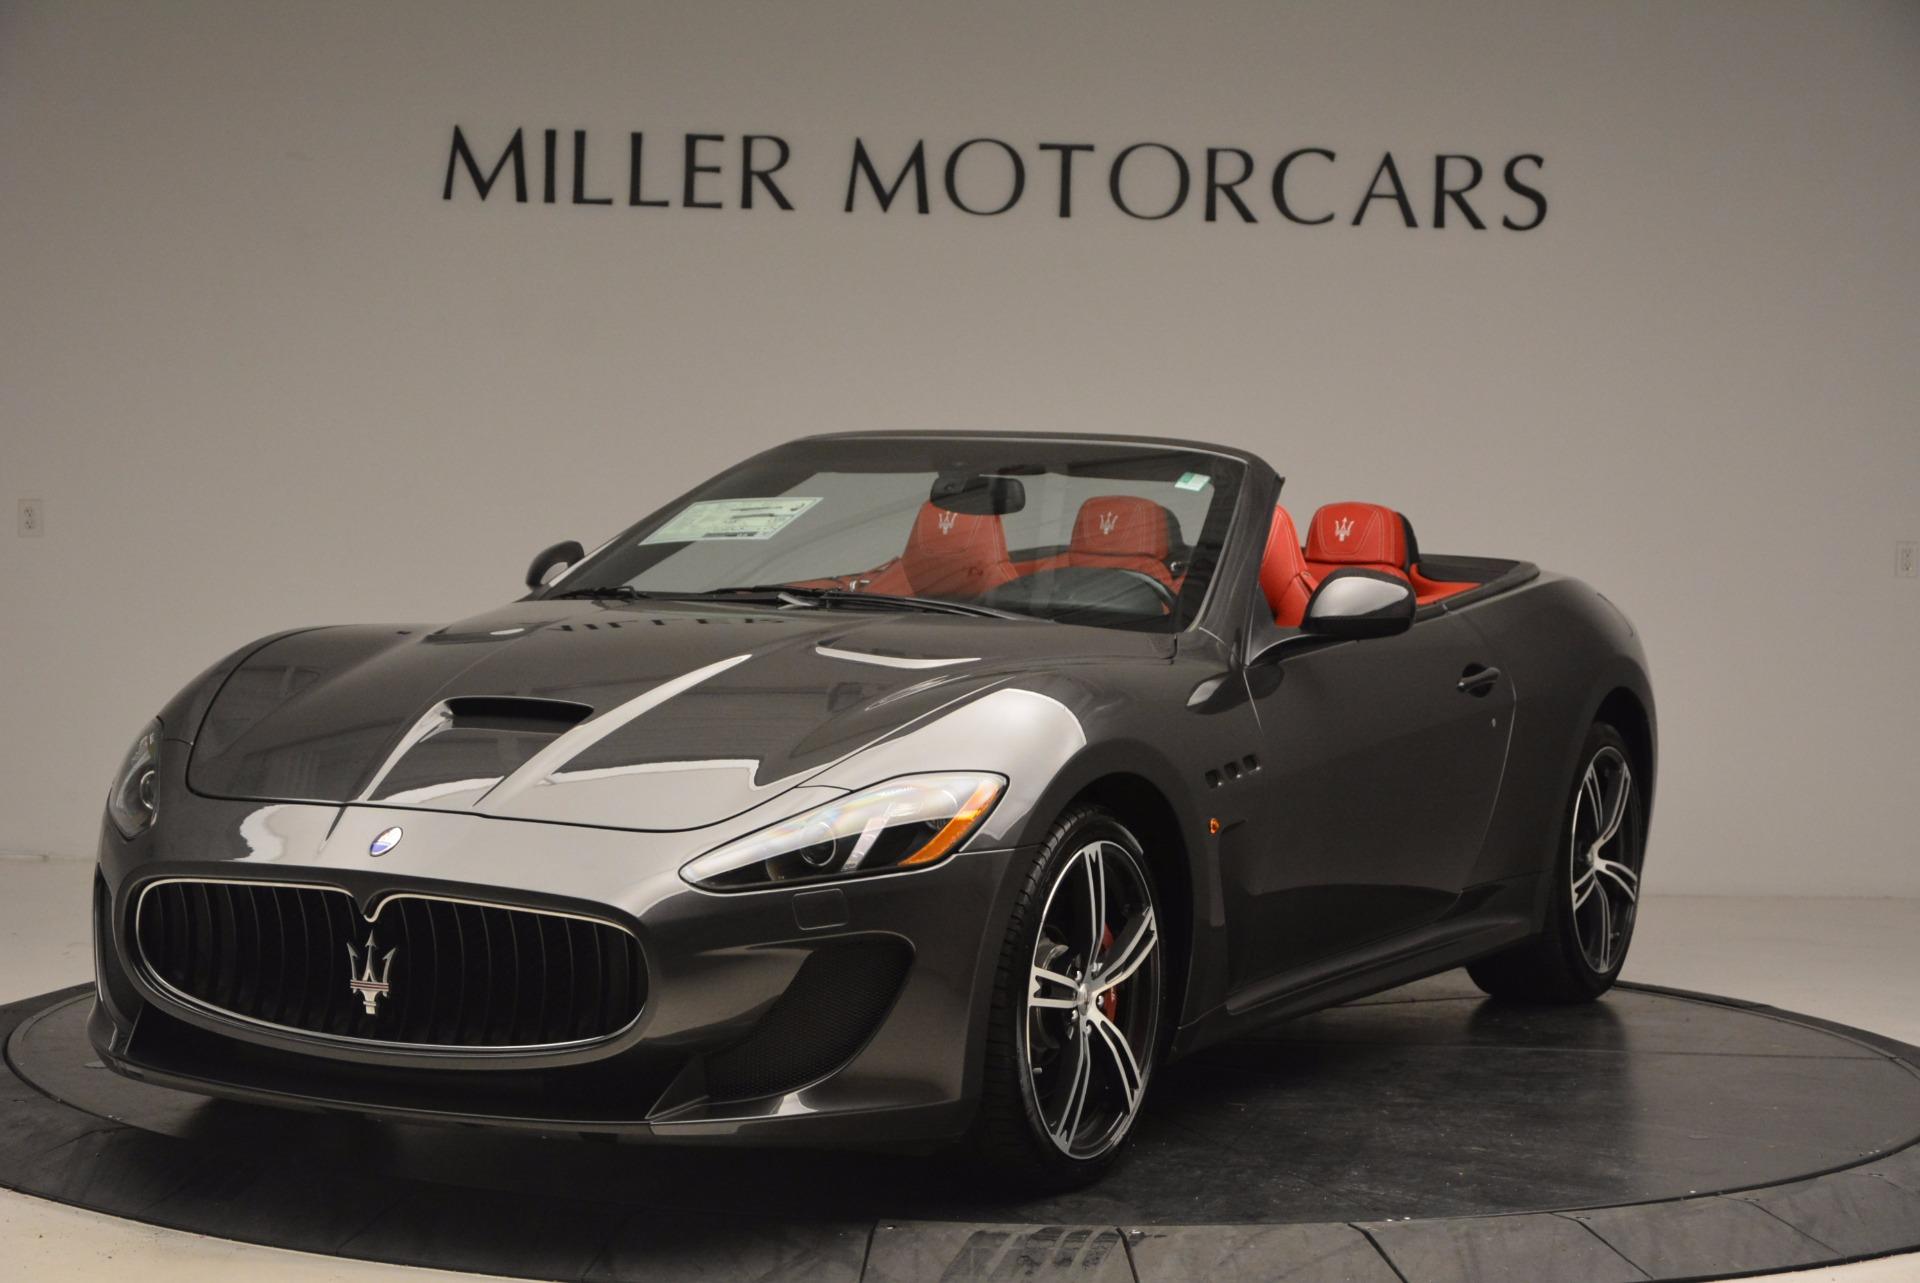 Used 2015 Maserati GranTurismo MC for sale Sold at McLaren Greenwich in Greenwich CT 06830 1